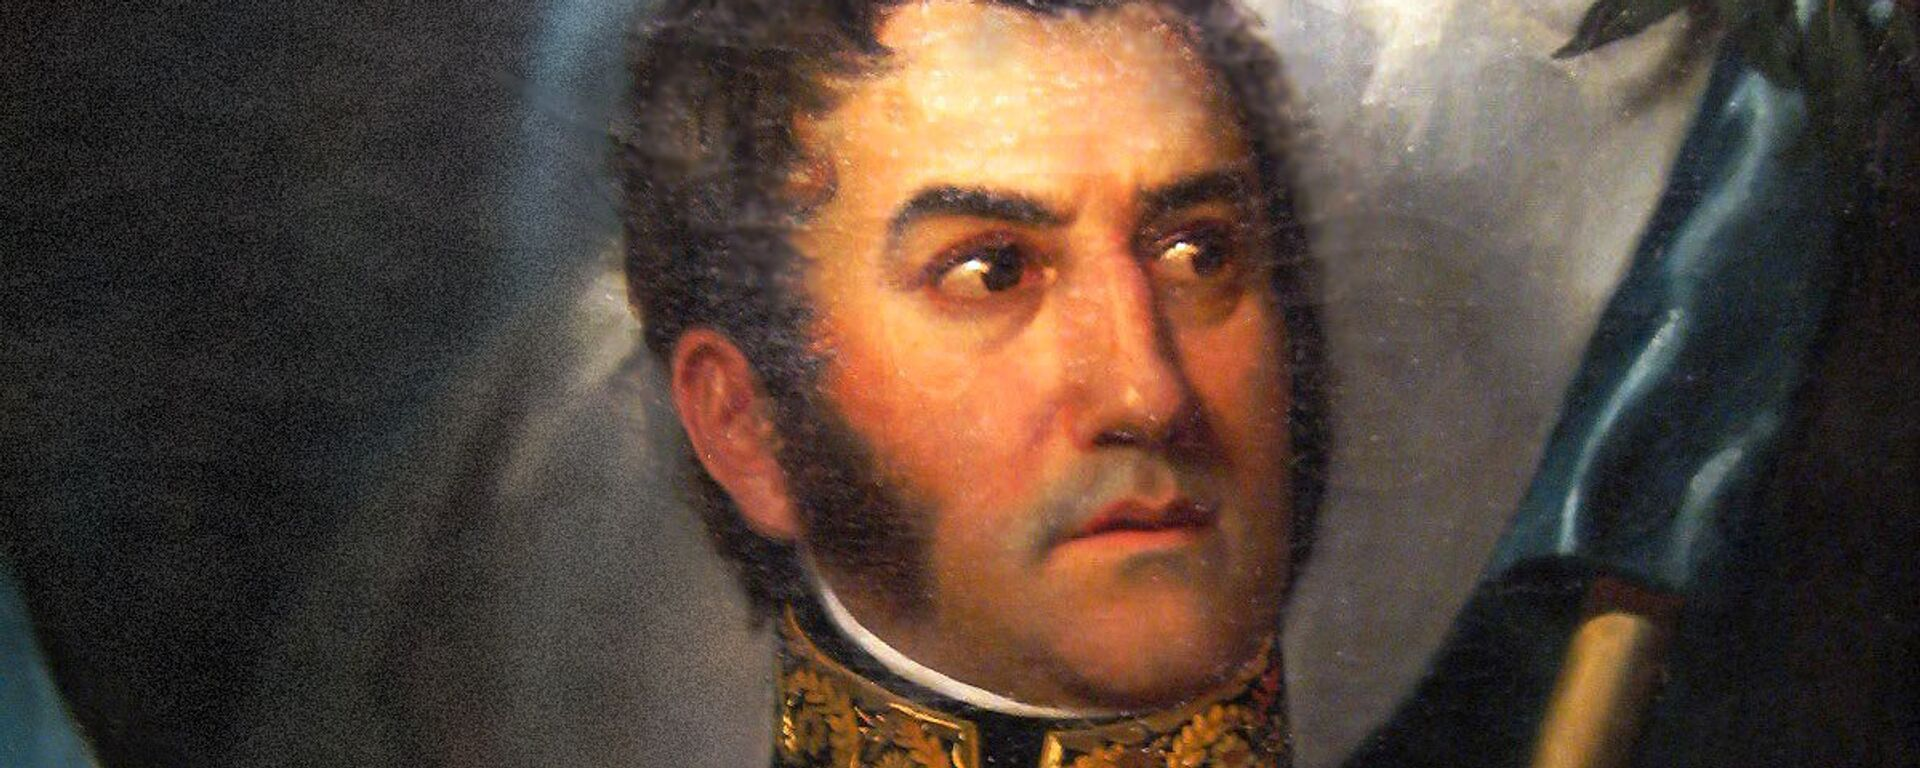 El retrato más canónico de José de San Martín (ilustración) - Sputnik Mundo, 1920, 17.08.2016